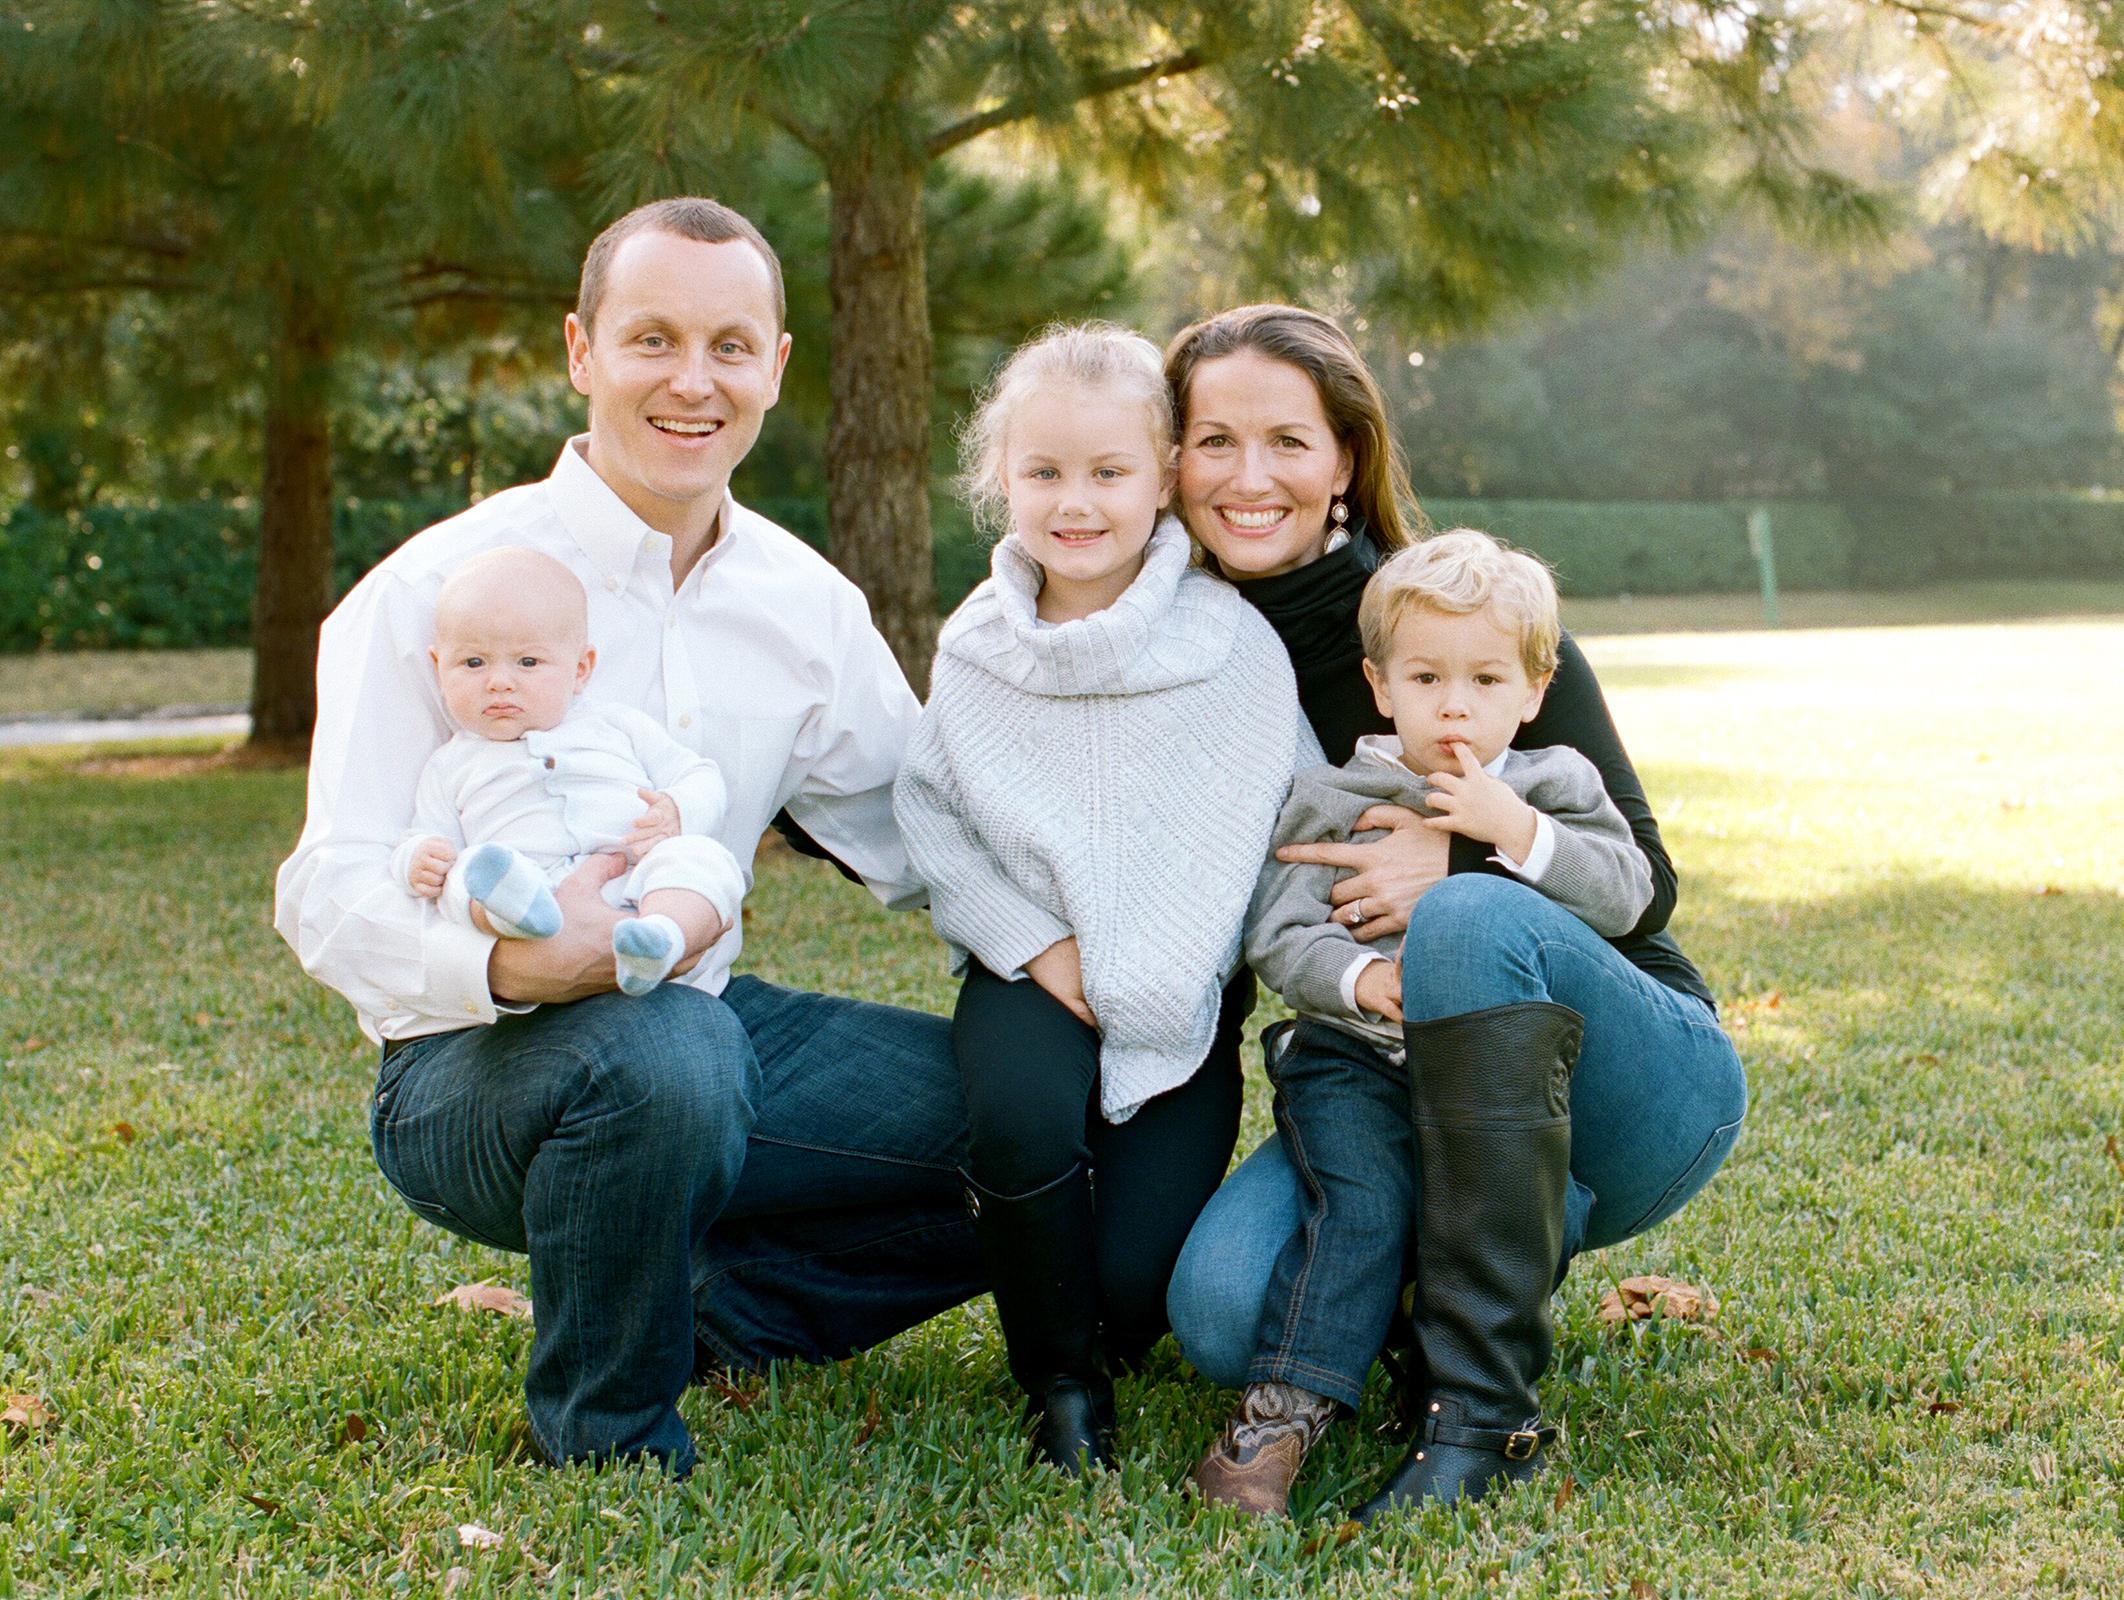 0033_0059-Houston-Family-Children-Baby-Photographers.jpg